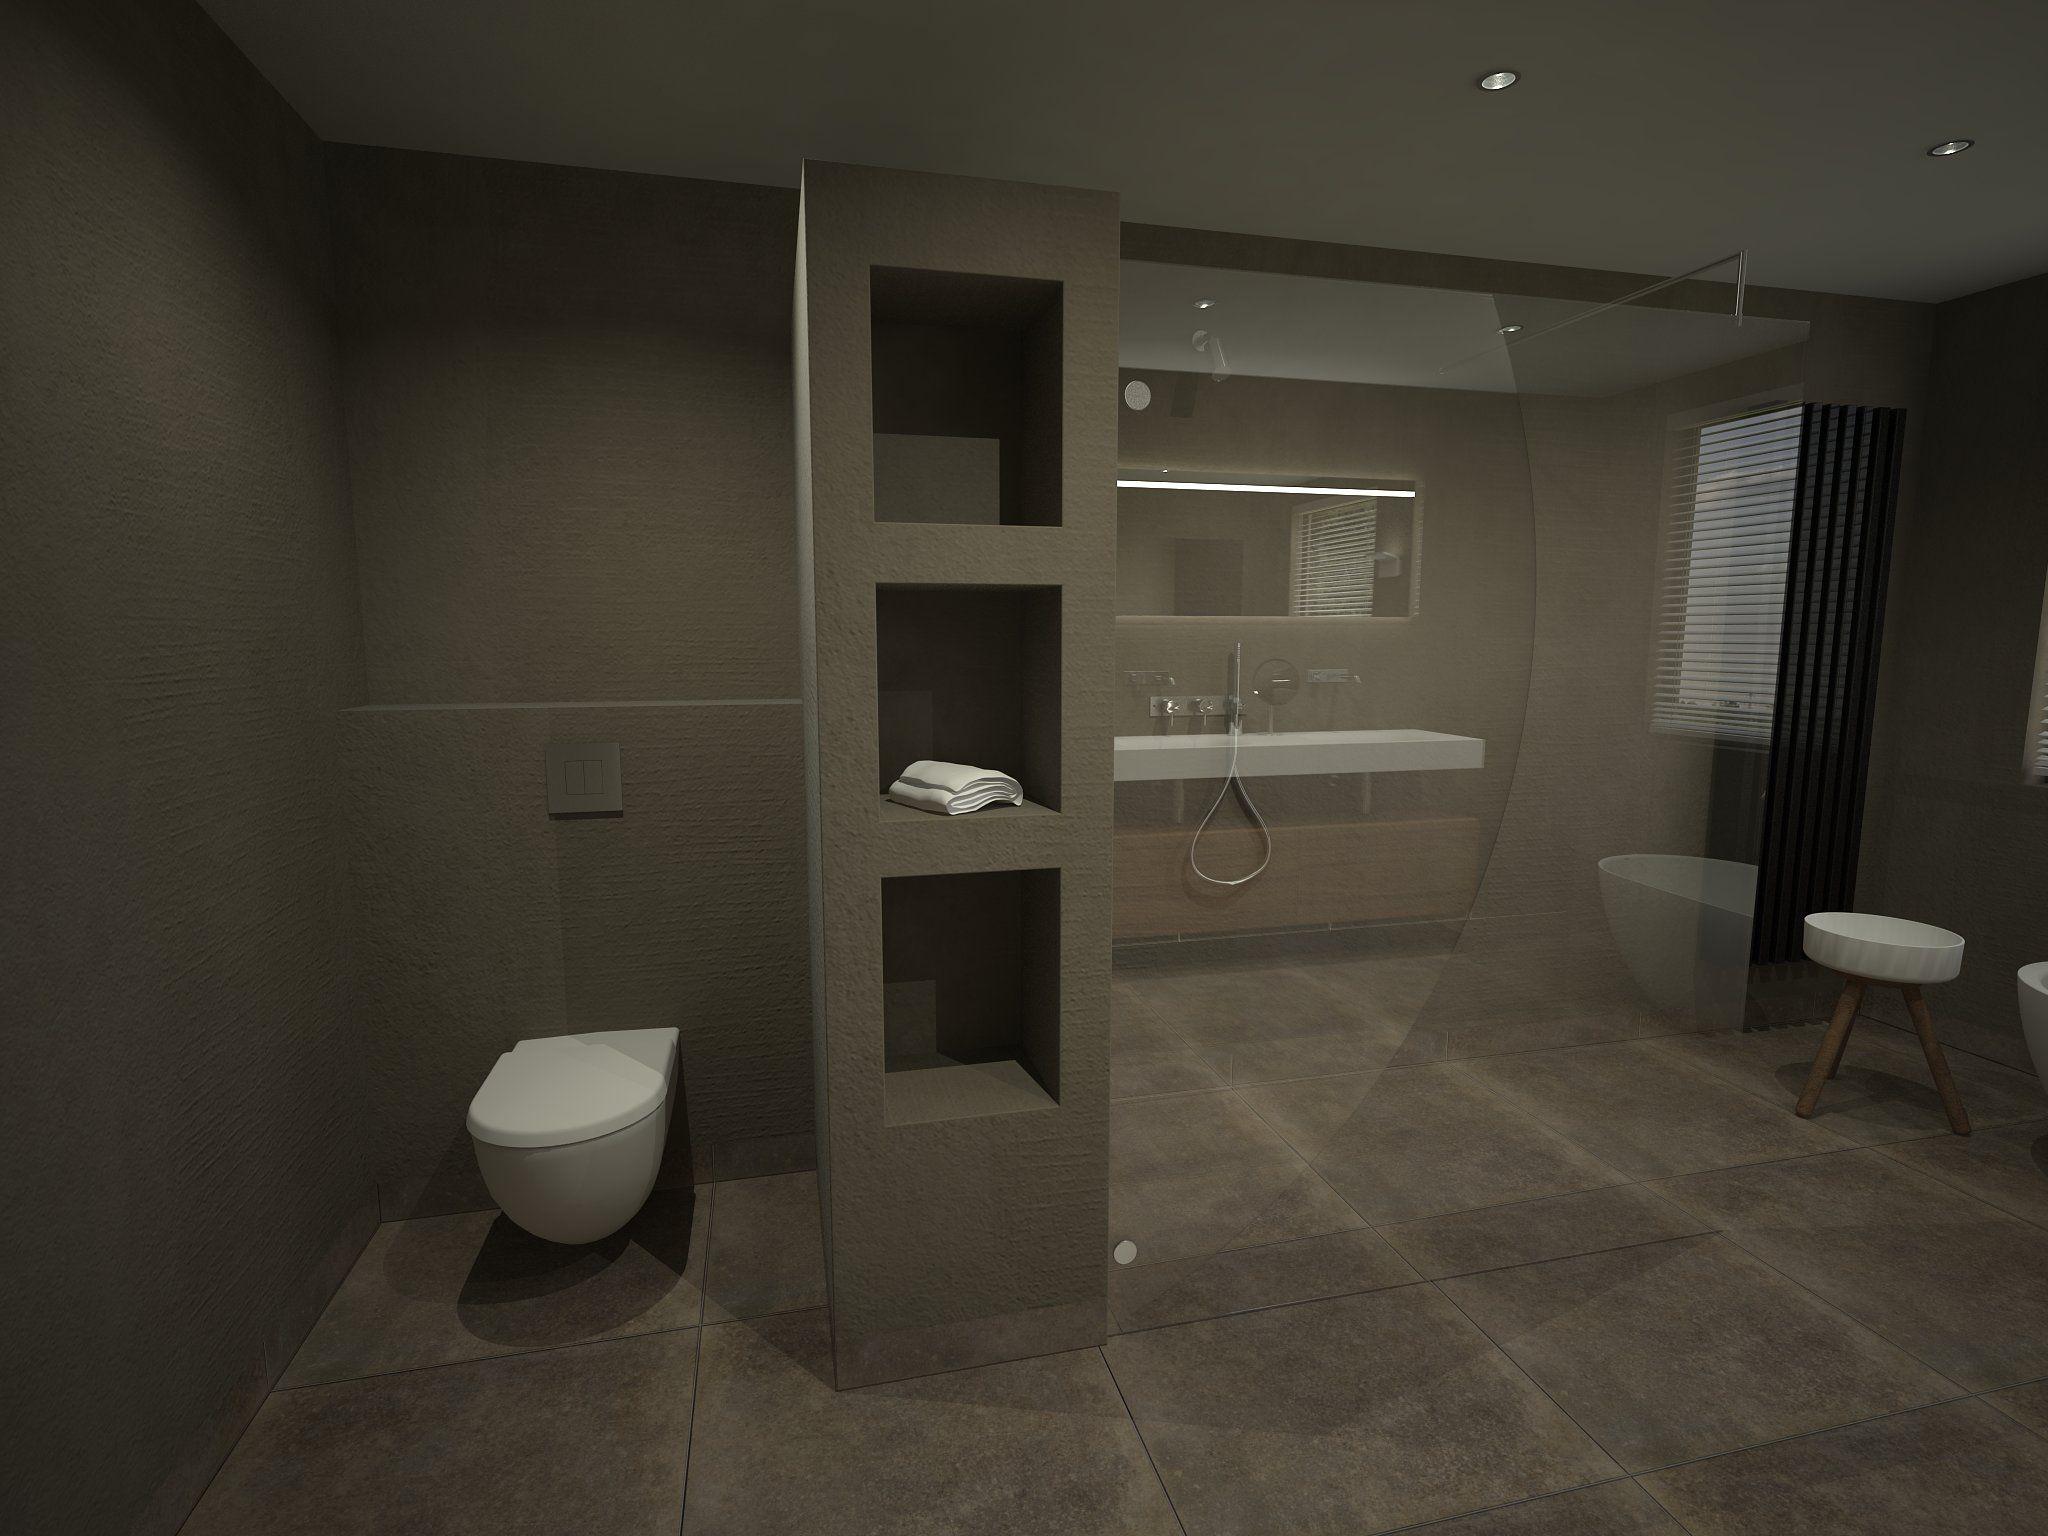 Beniers badkamers voor een badkamer in beton cire idee n voor het huis pinterest - Badkamer modellen met italiaanse douche ...